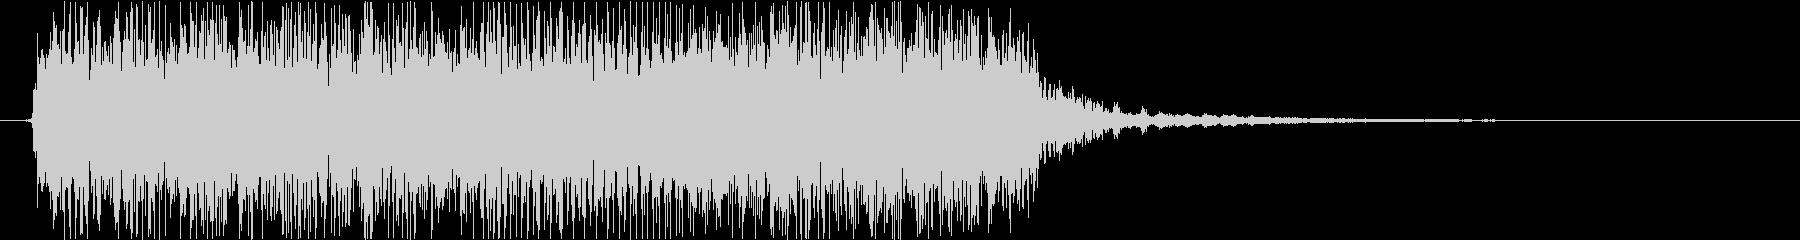 ヘヴィロック風ジングル4秒の未再生の波形